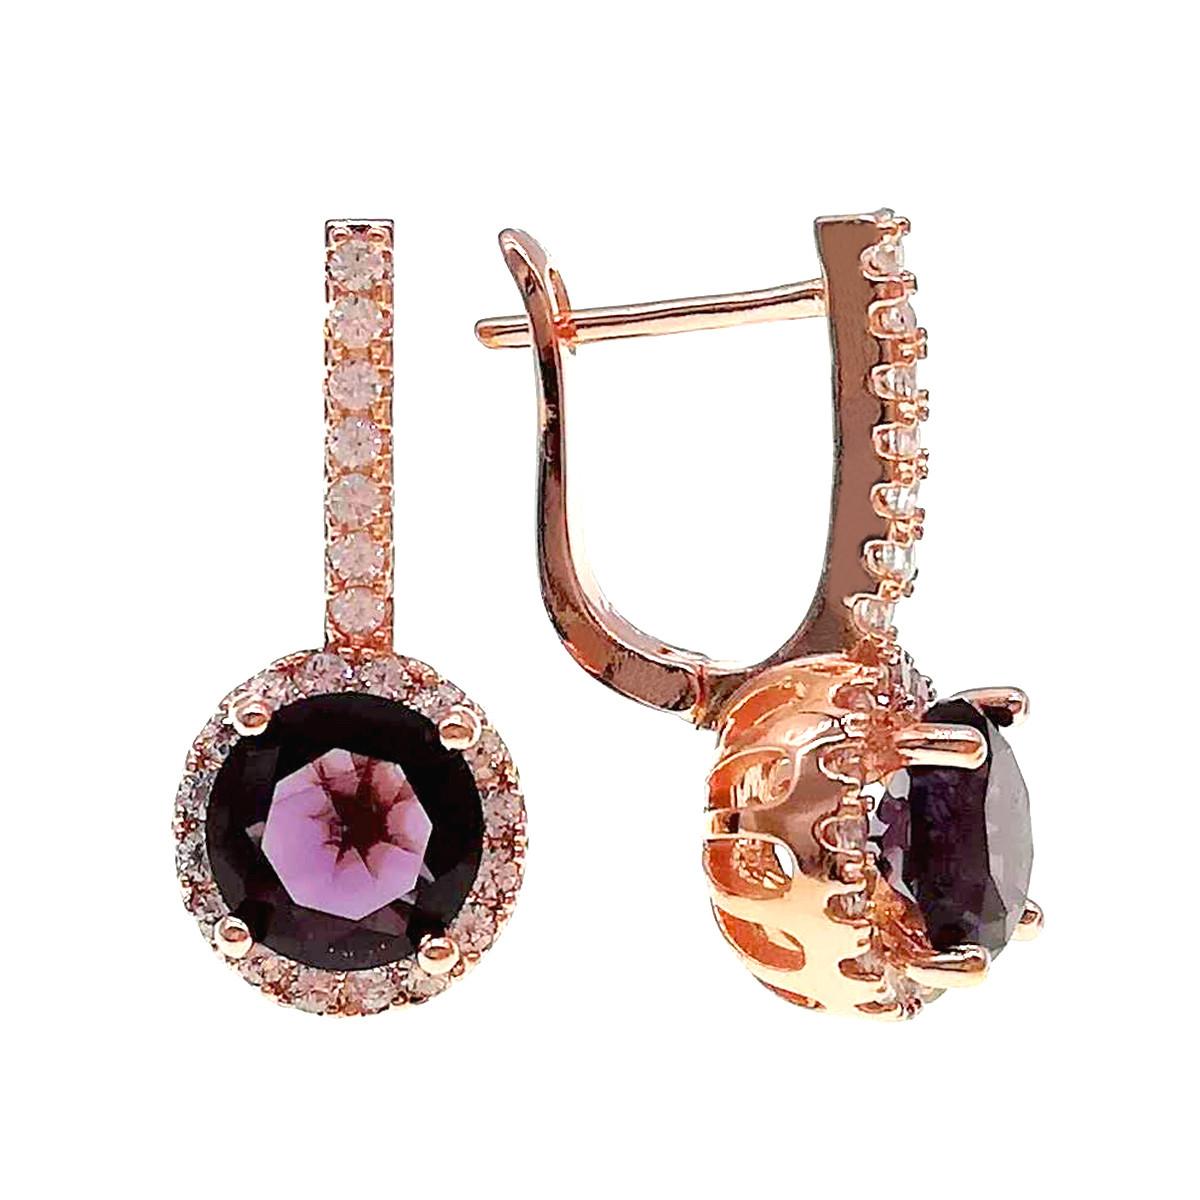 Сережки SONATA з медичного золота, фіолетові і білі фіаніти, позолота PO, 24329 (1)